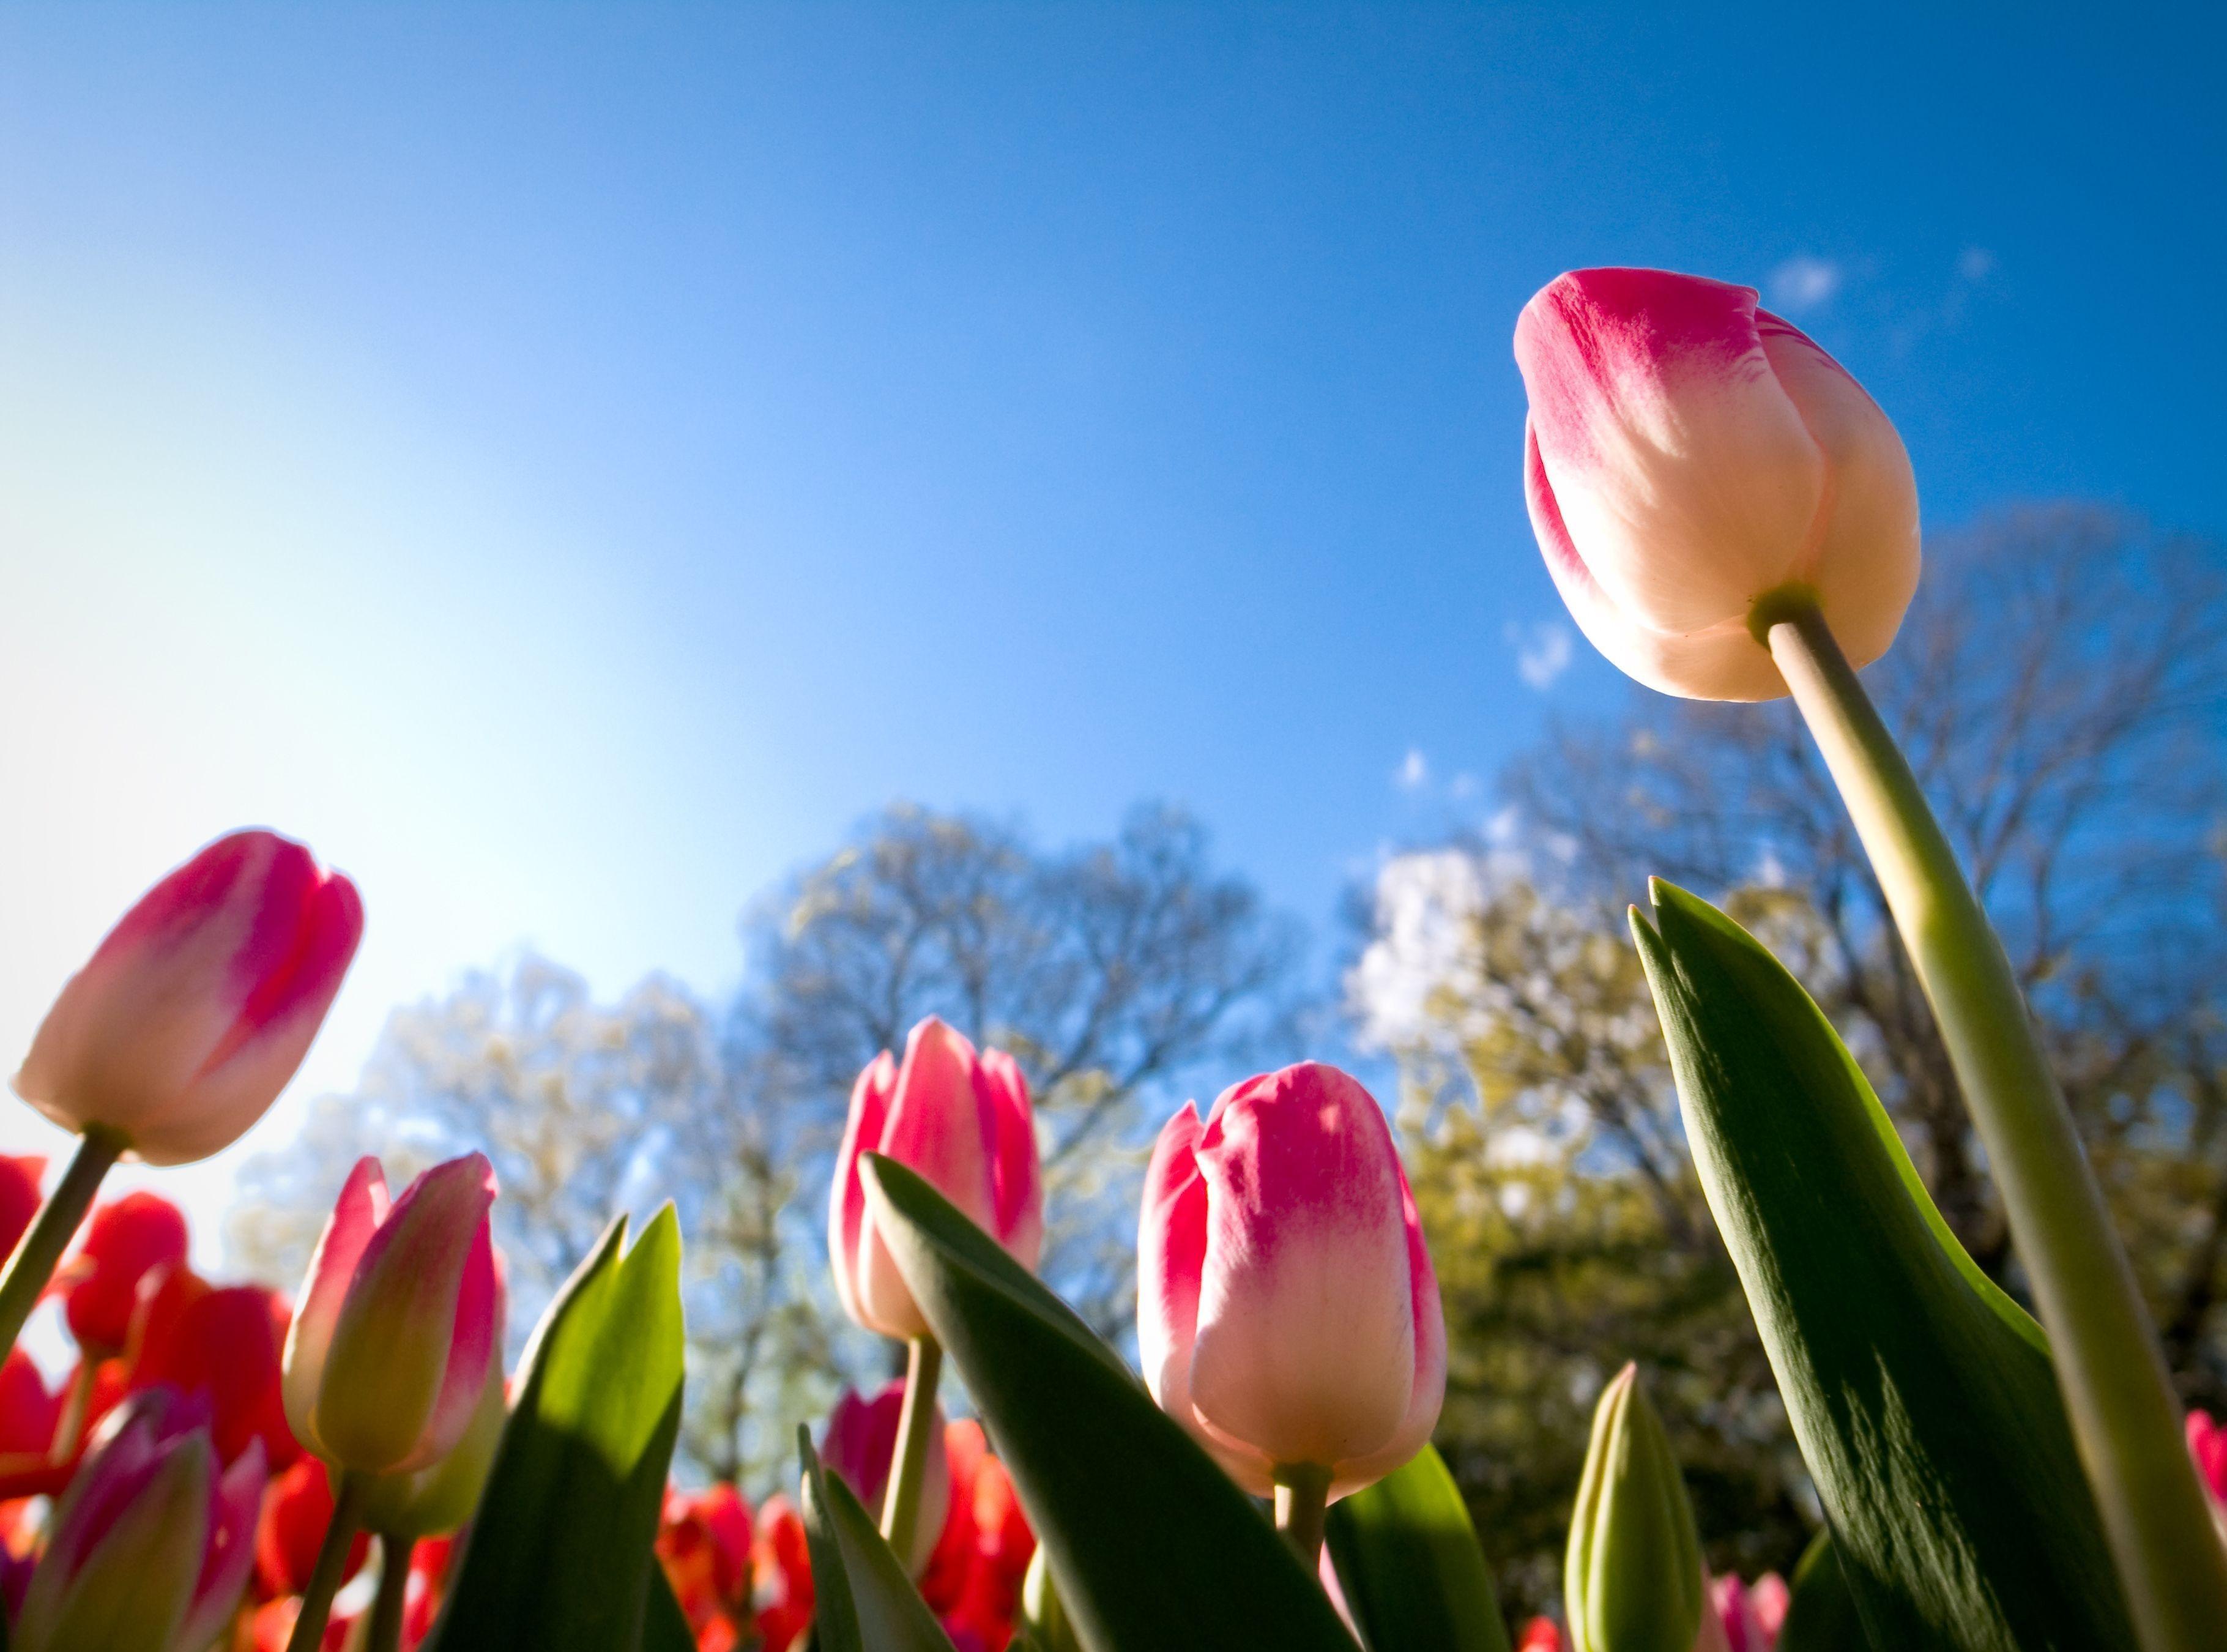 видим, картинки с тюльпанами и весной клуб считается